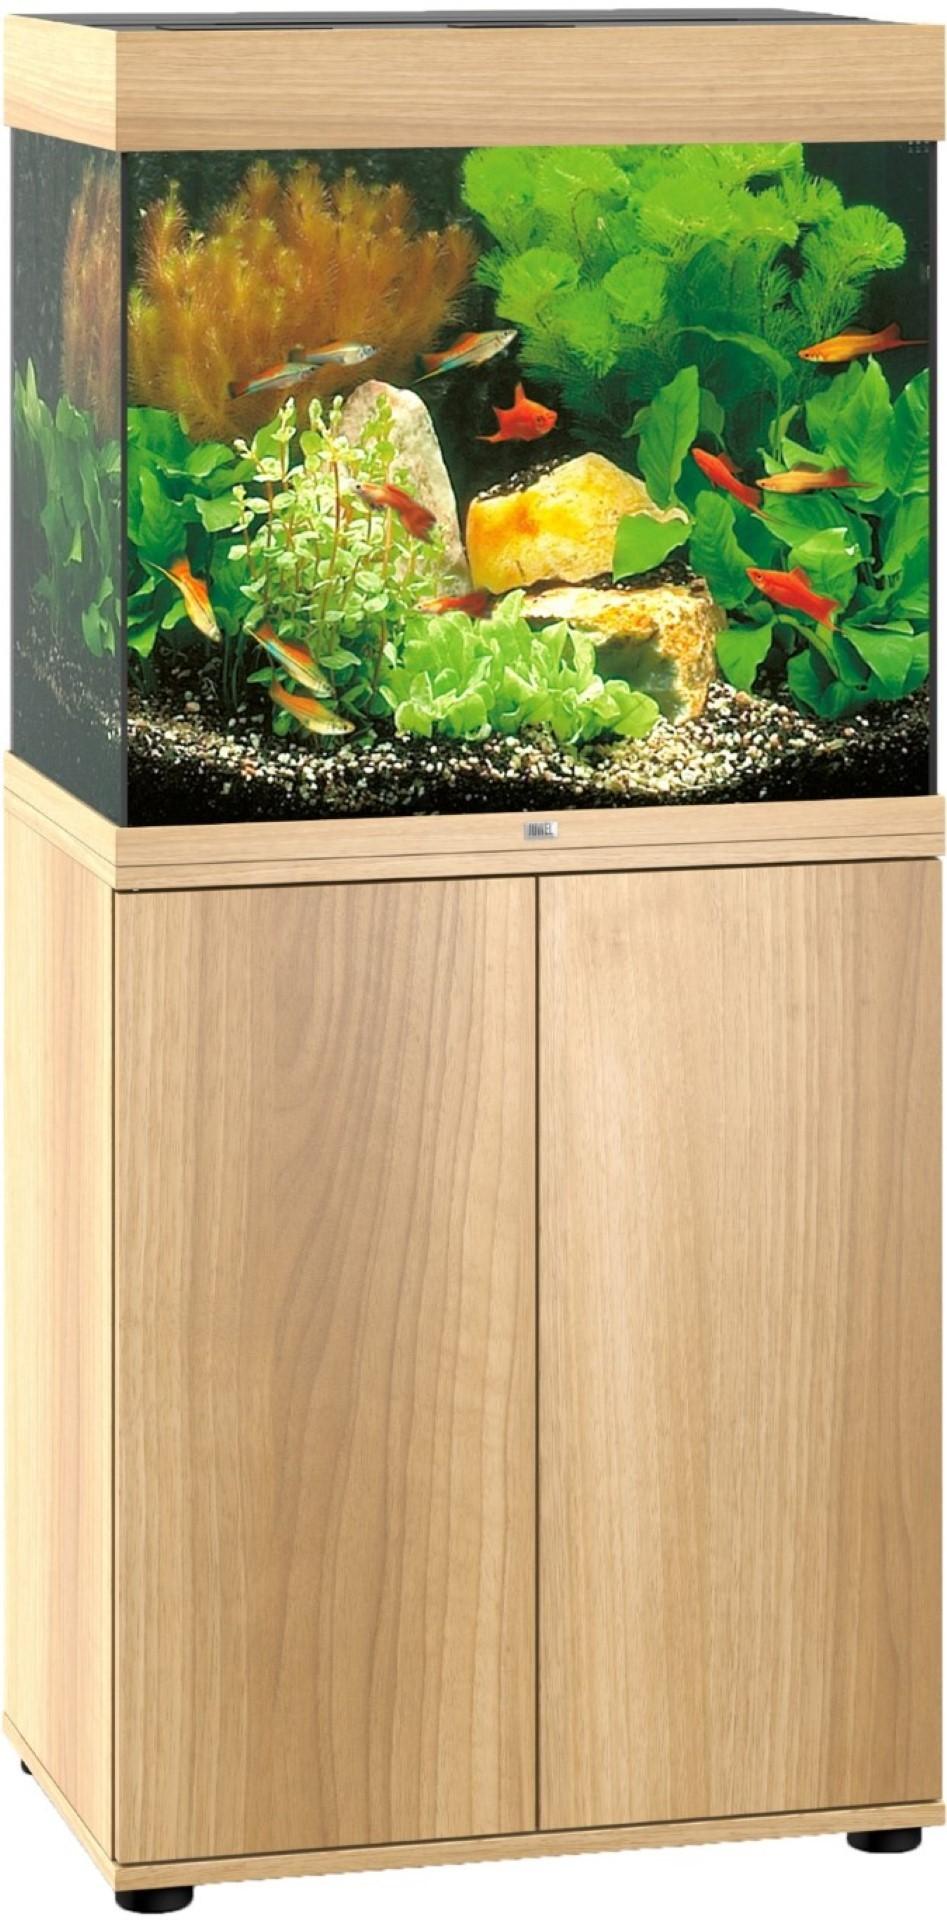 Juwel meubel bouwpakket SBX Lido 120 licht eiken